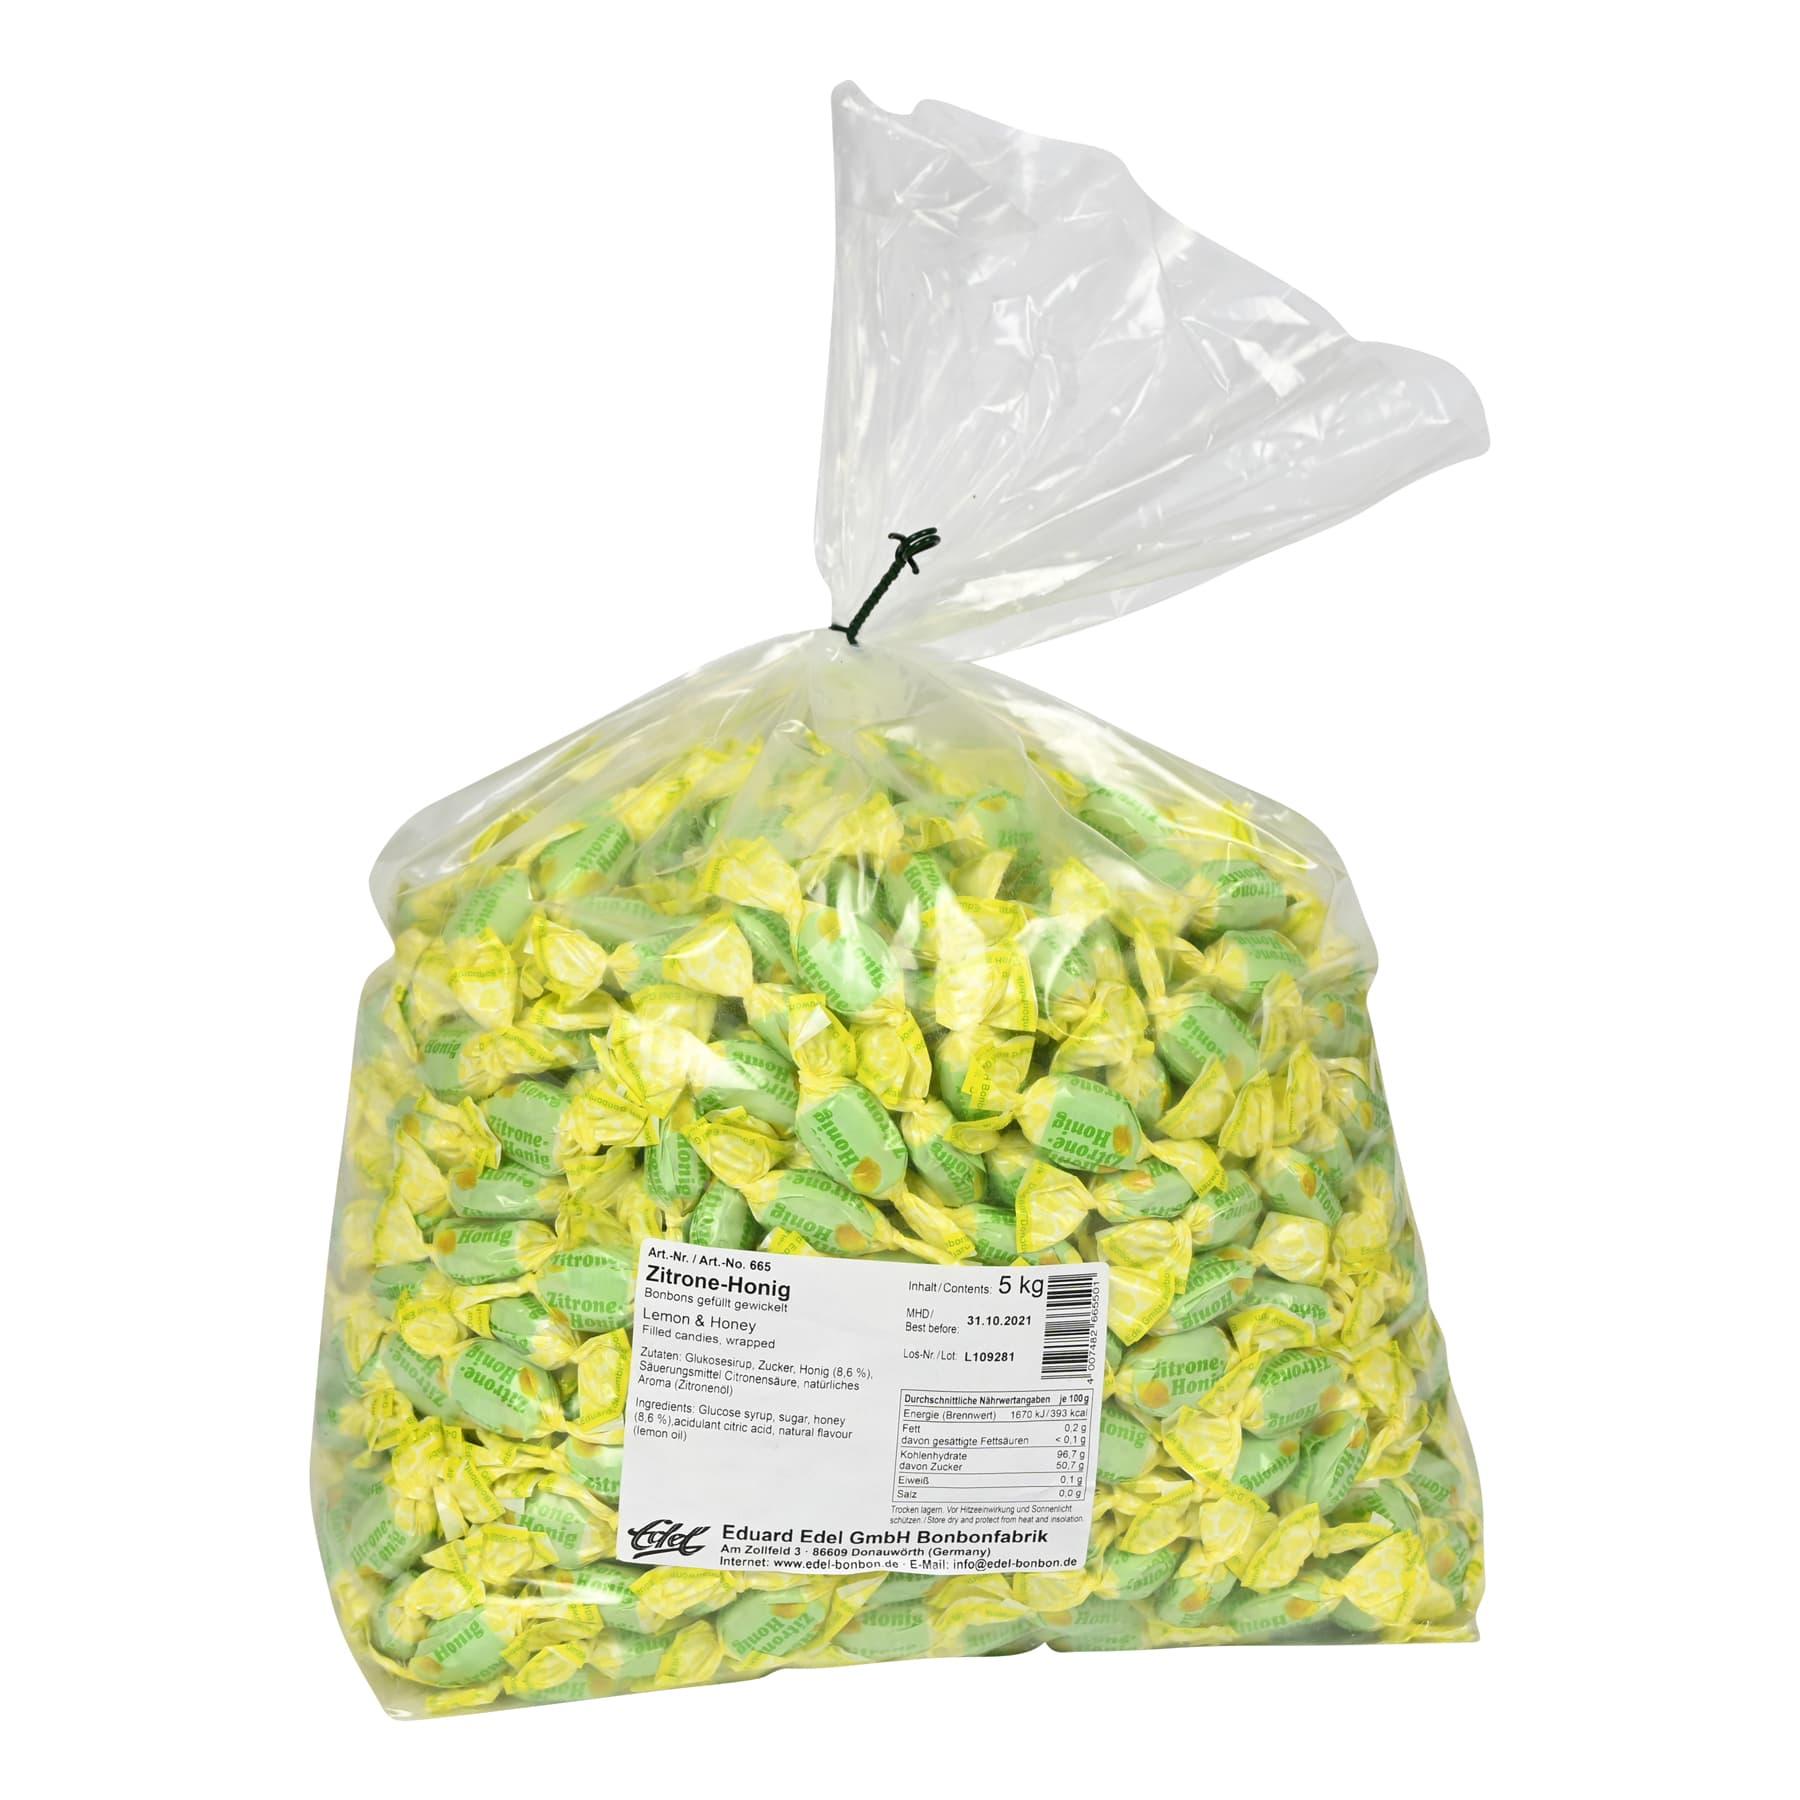 Honigbonbon mit Zitrone gefüllt, im 5 kg Beutel